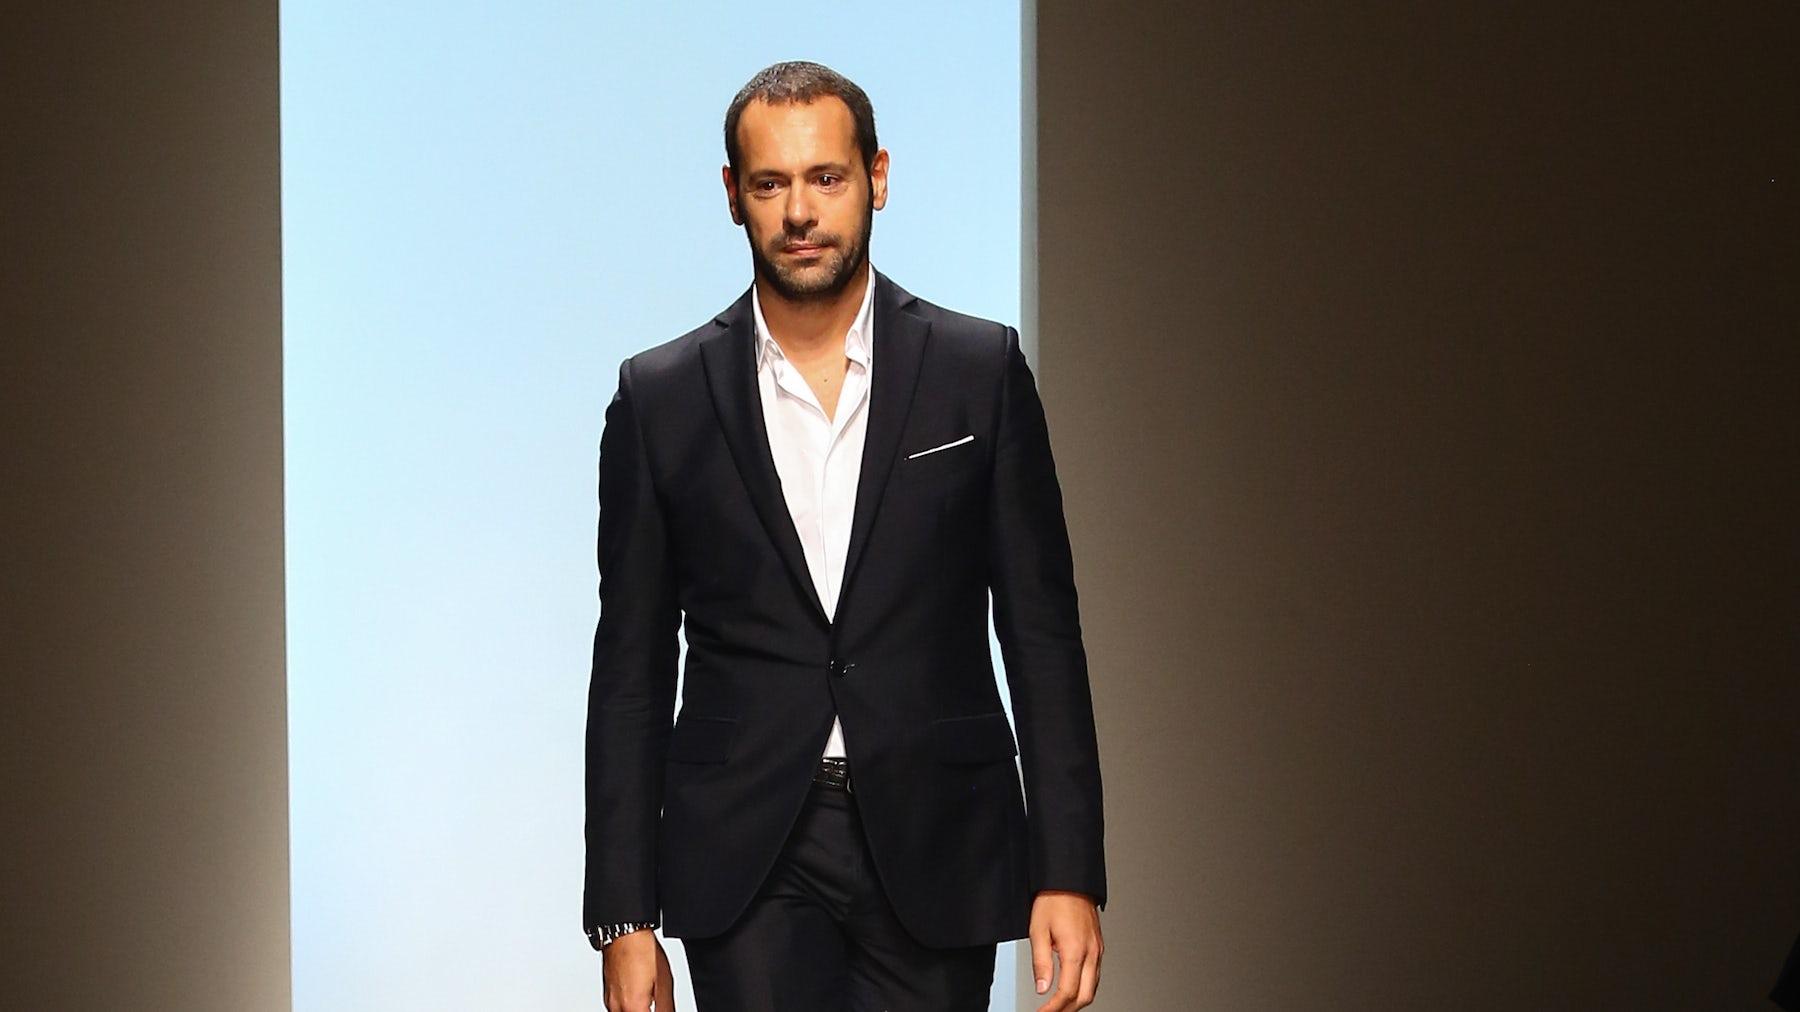 Massimiliano Giornetti | Source: Shutterstock